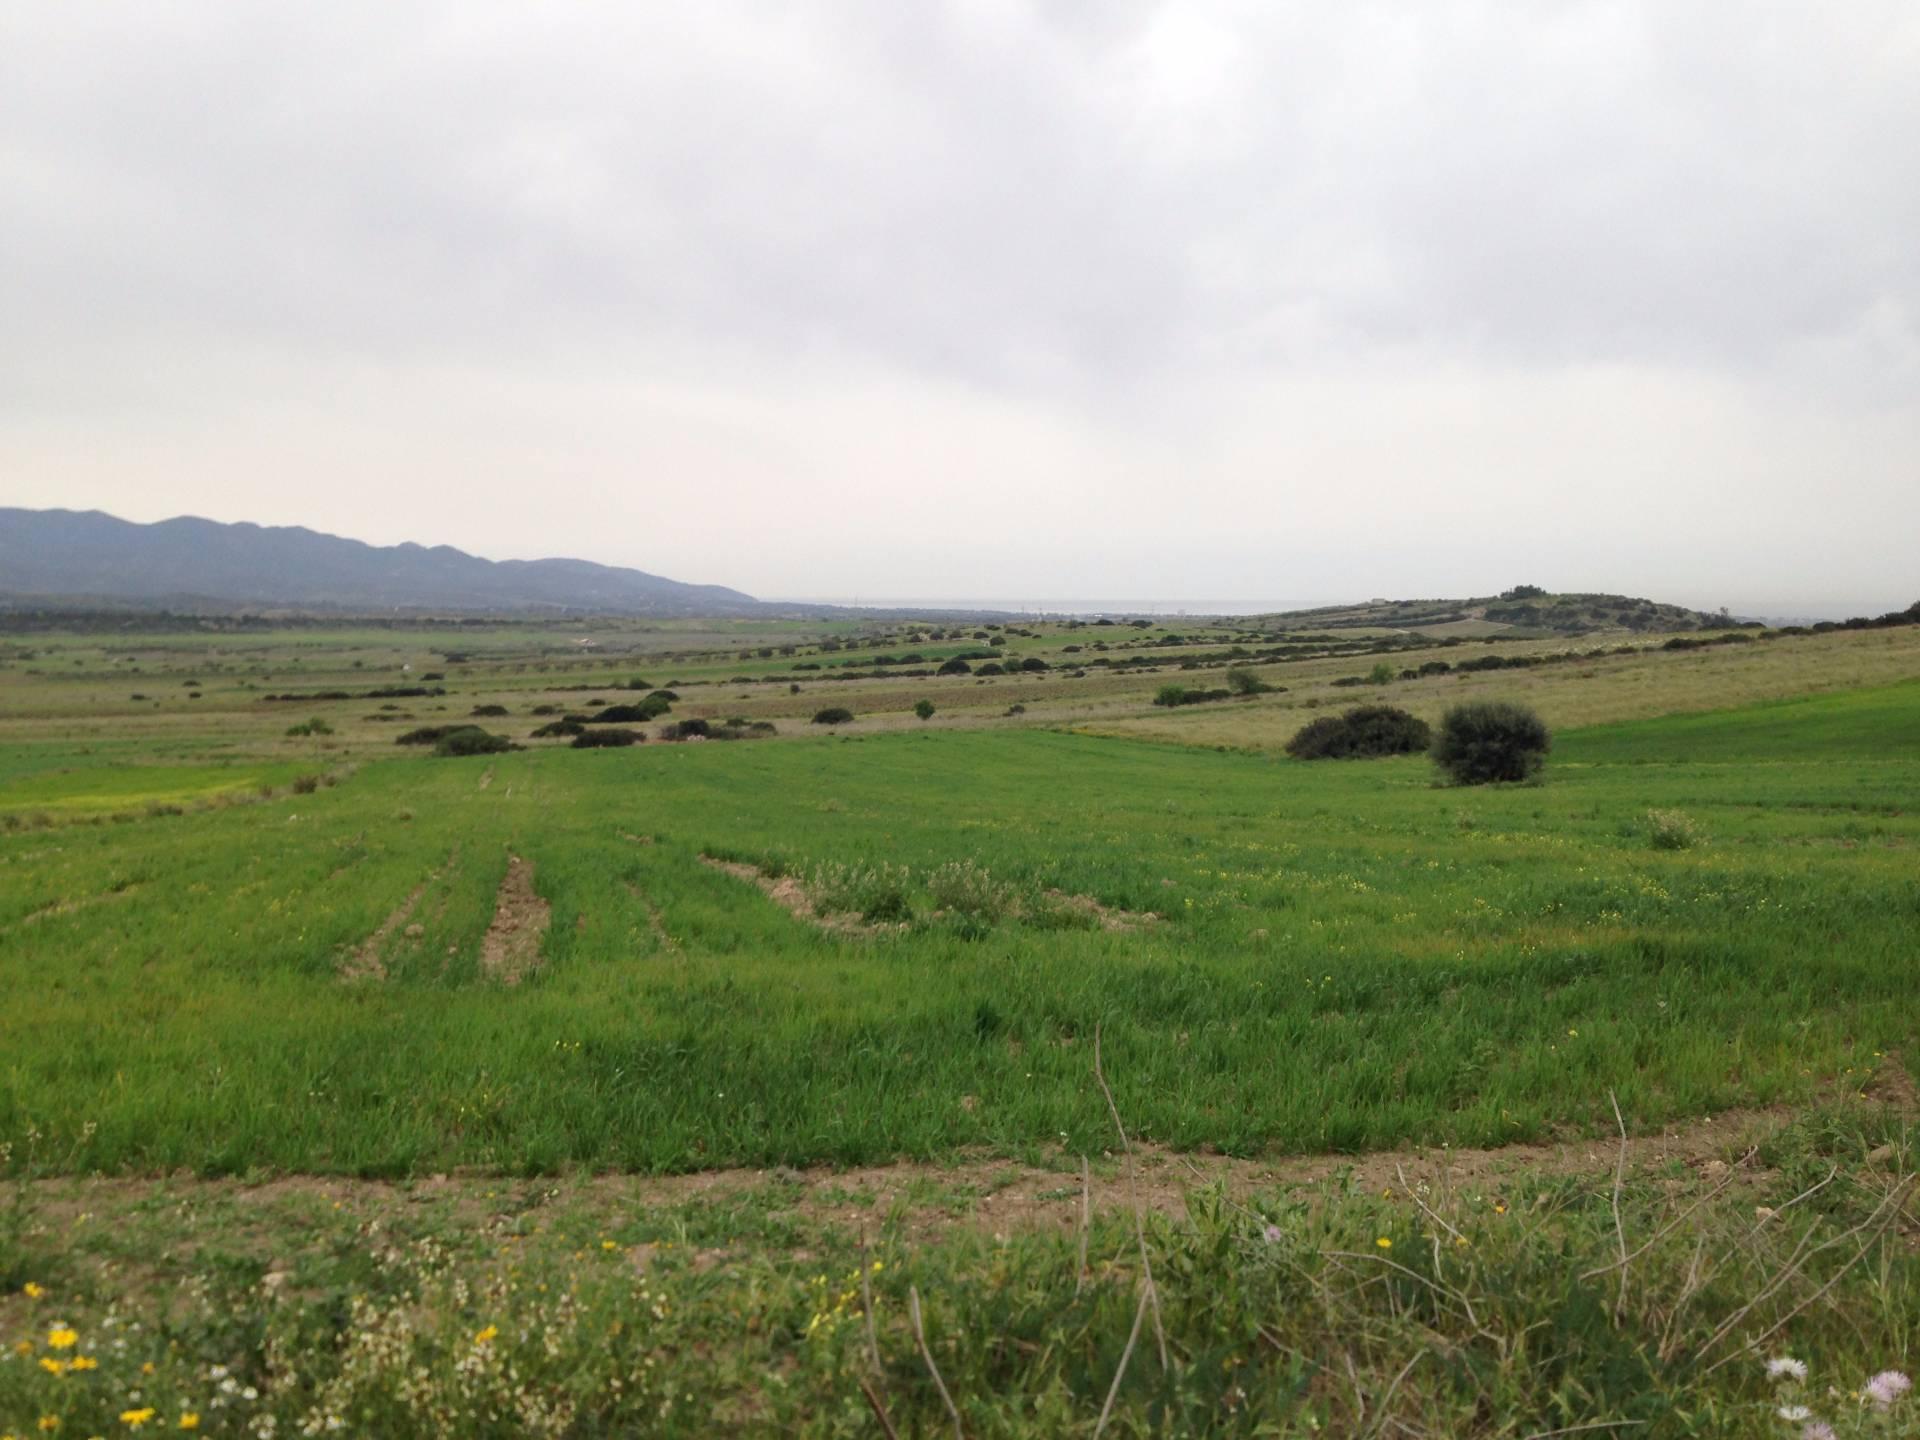 Terreno Agricolo in vendita a Maracalagonis, 9999 locali, prezzo € 15.500 | Cambio Casa.it